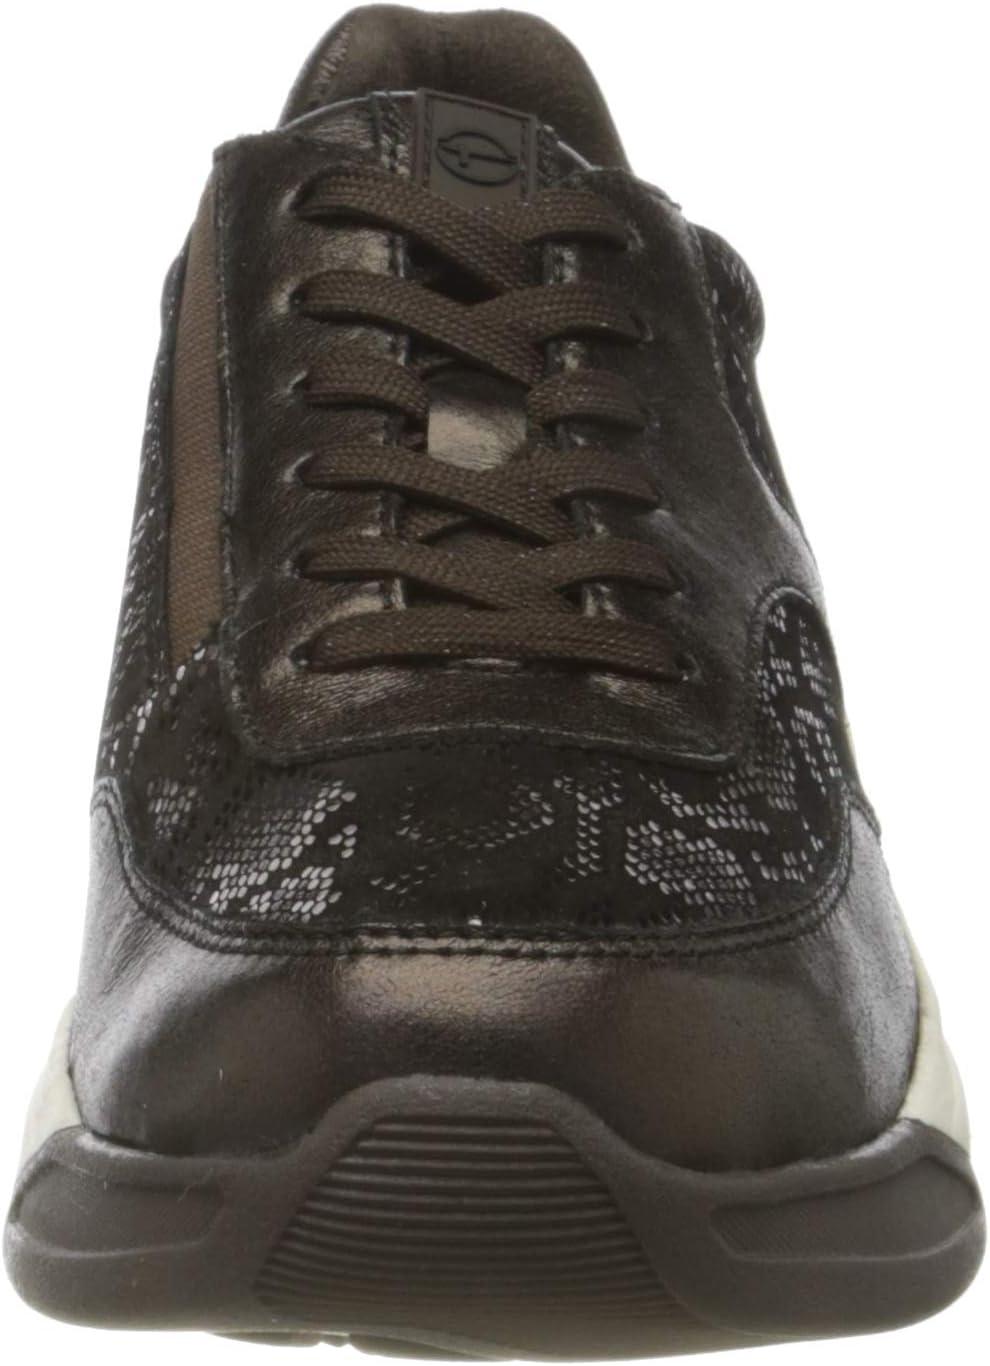 Tamaris 1-1-23720-25 930 dames sneaker Metallic bruin